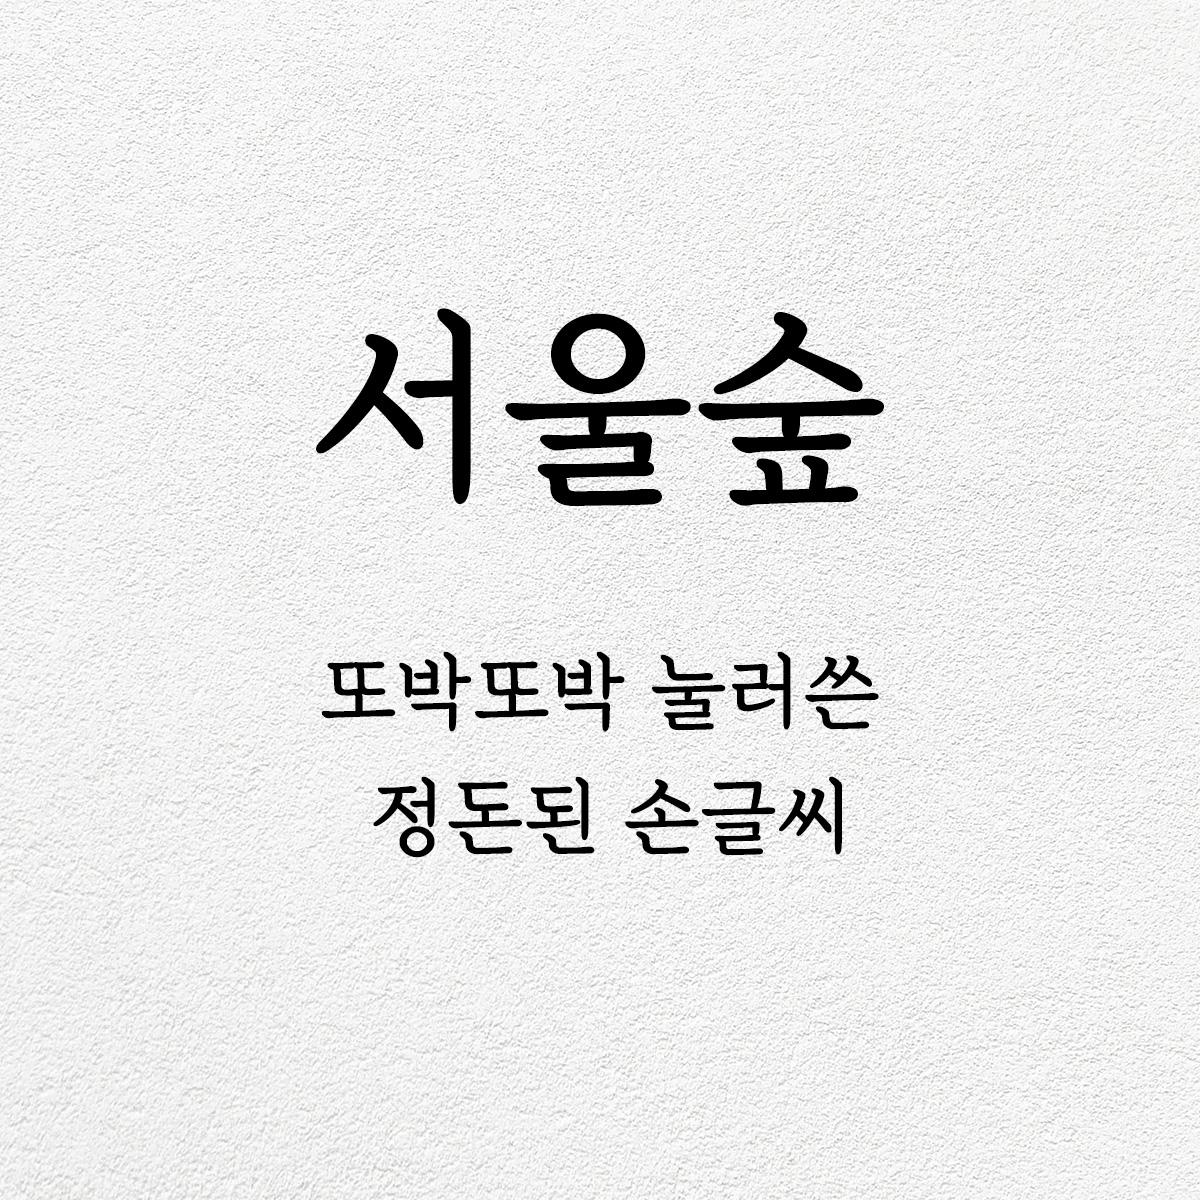 타이포_서울숲